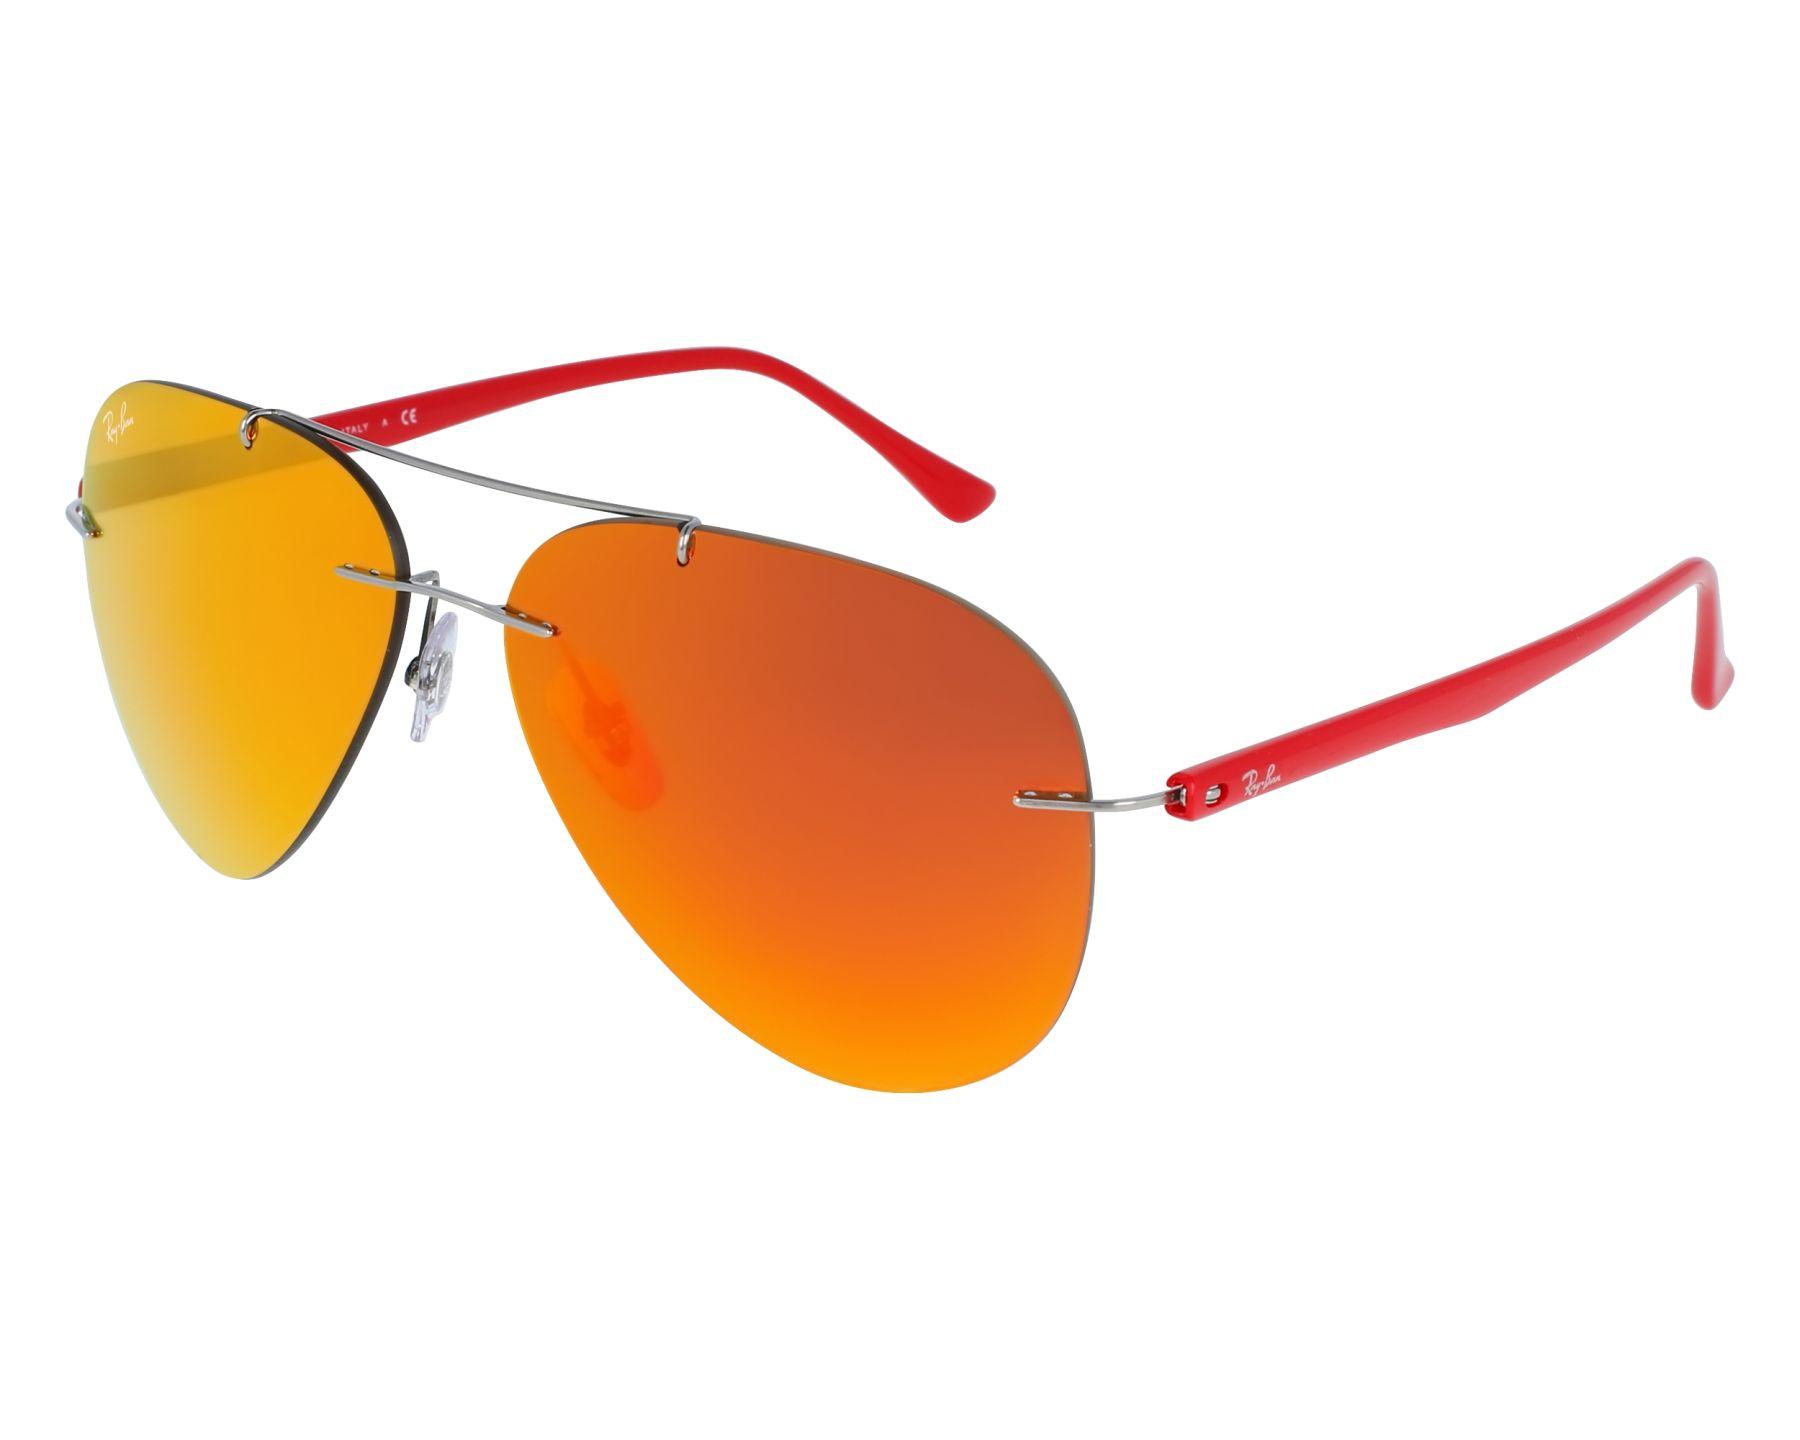 2f7be72bfa Gafas de sol Ray-Ban RB-8058 159/6Q 59-13 Plata